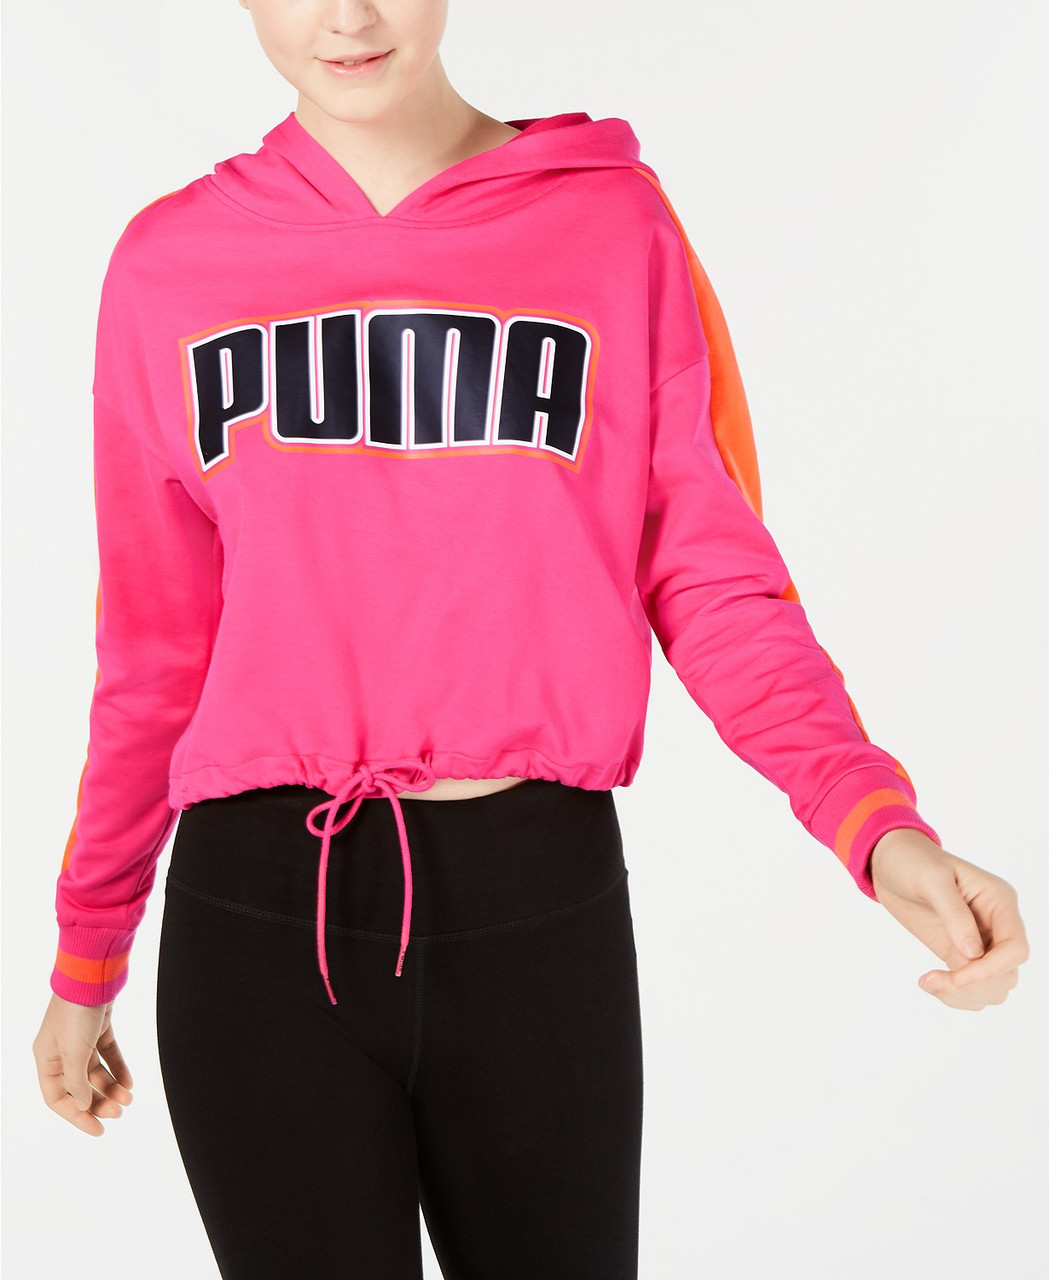 Puma Женский худи - Е2